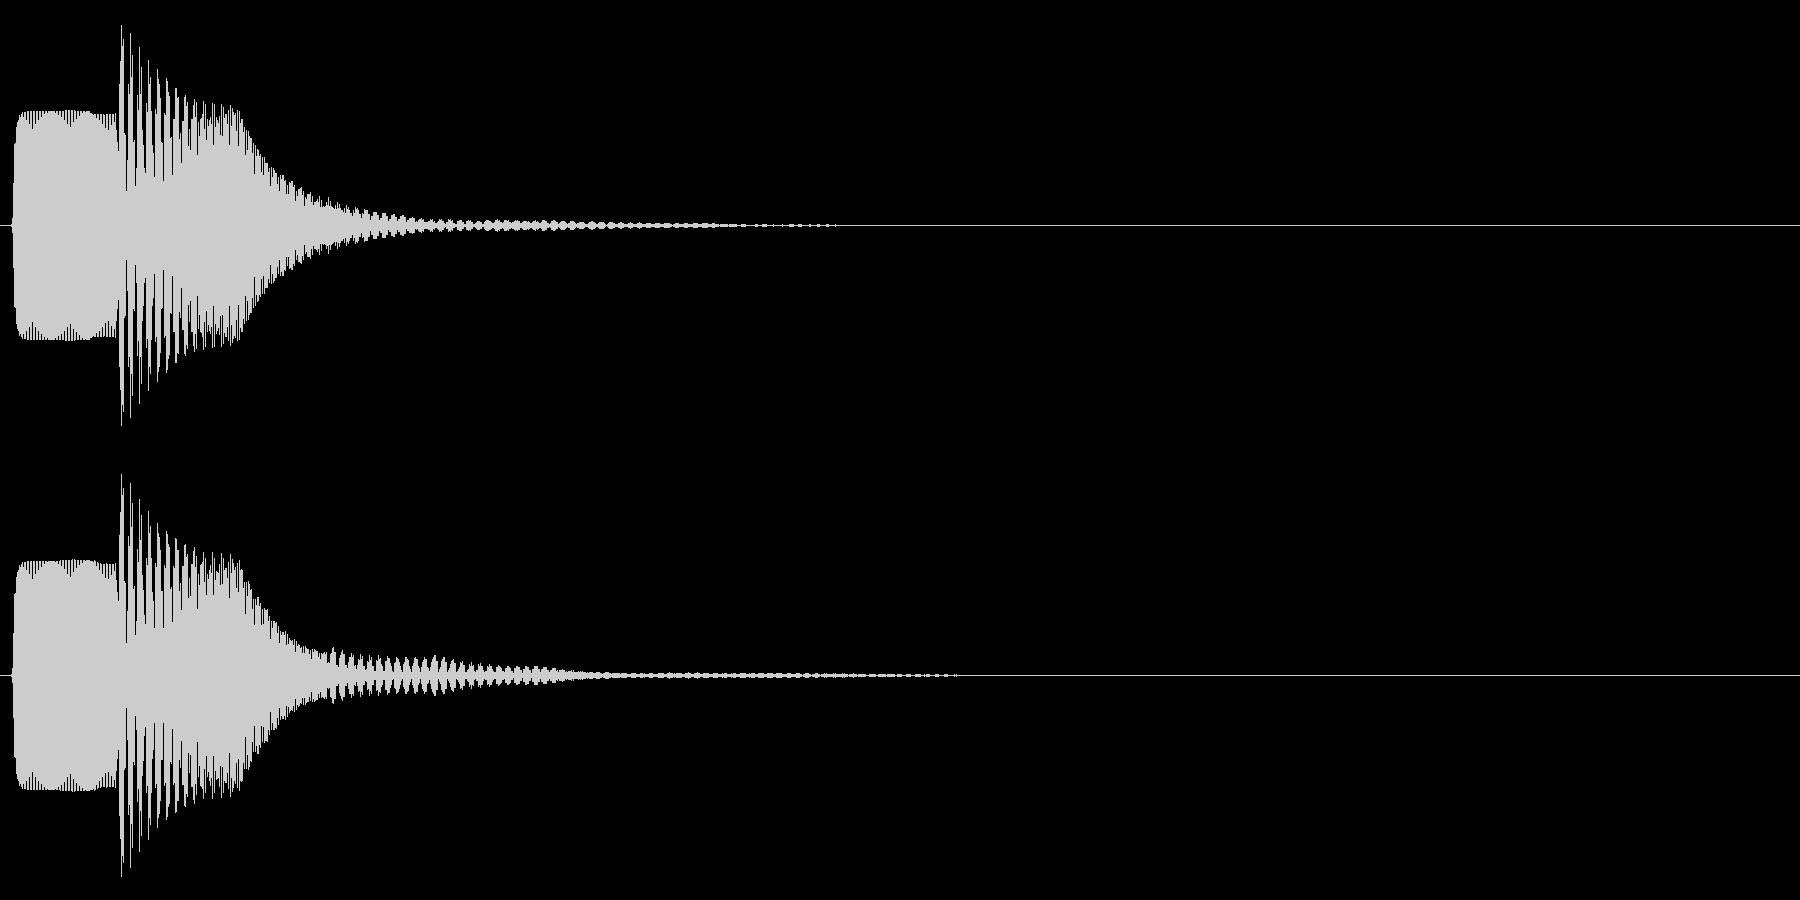 ピコン(キャンセル,終了,停止)_01の未再生の波形